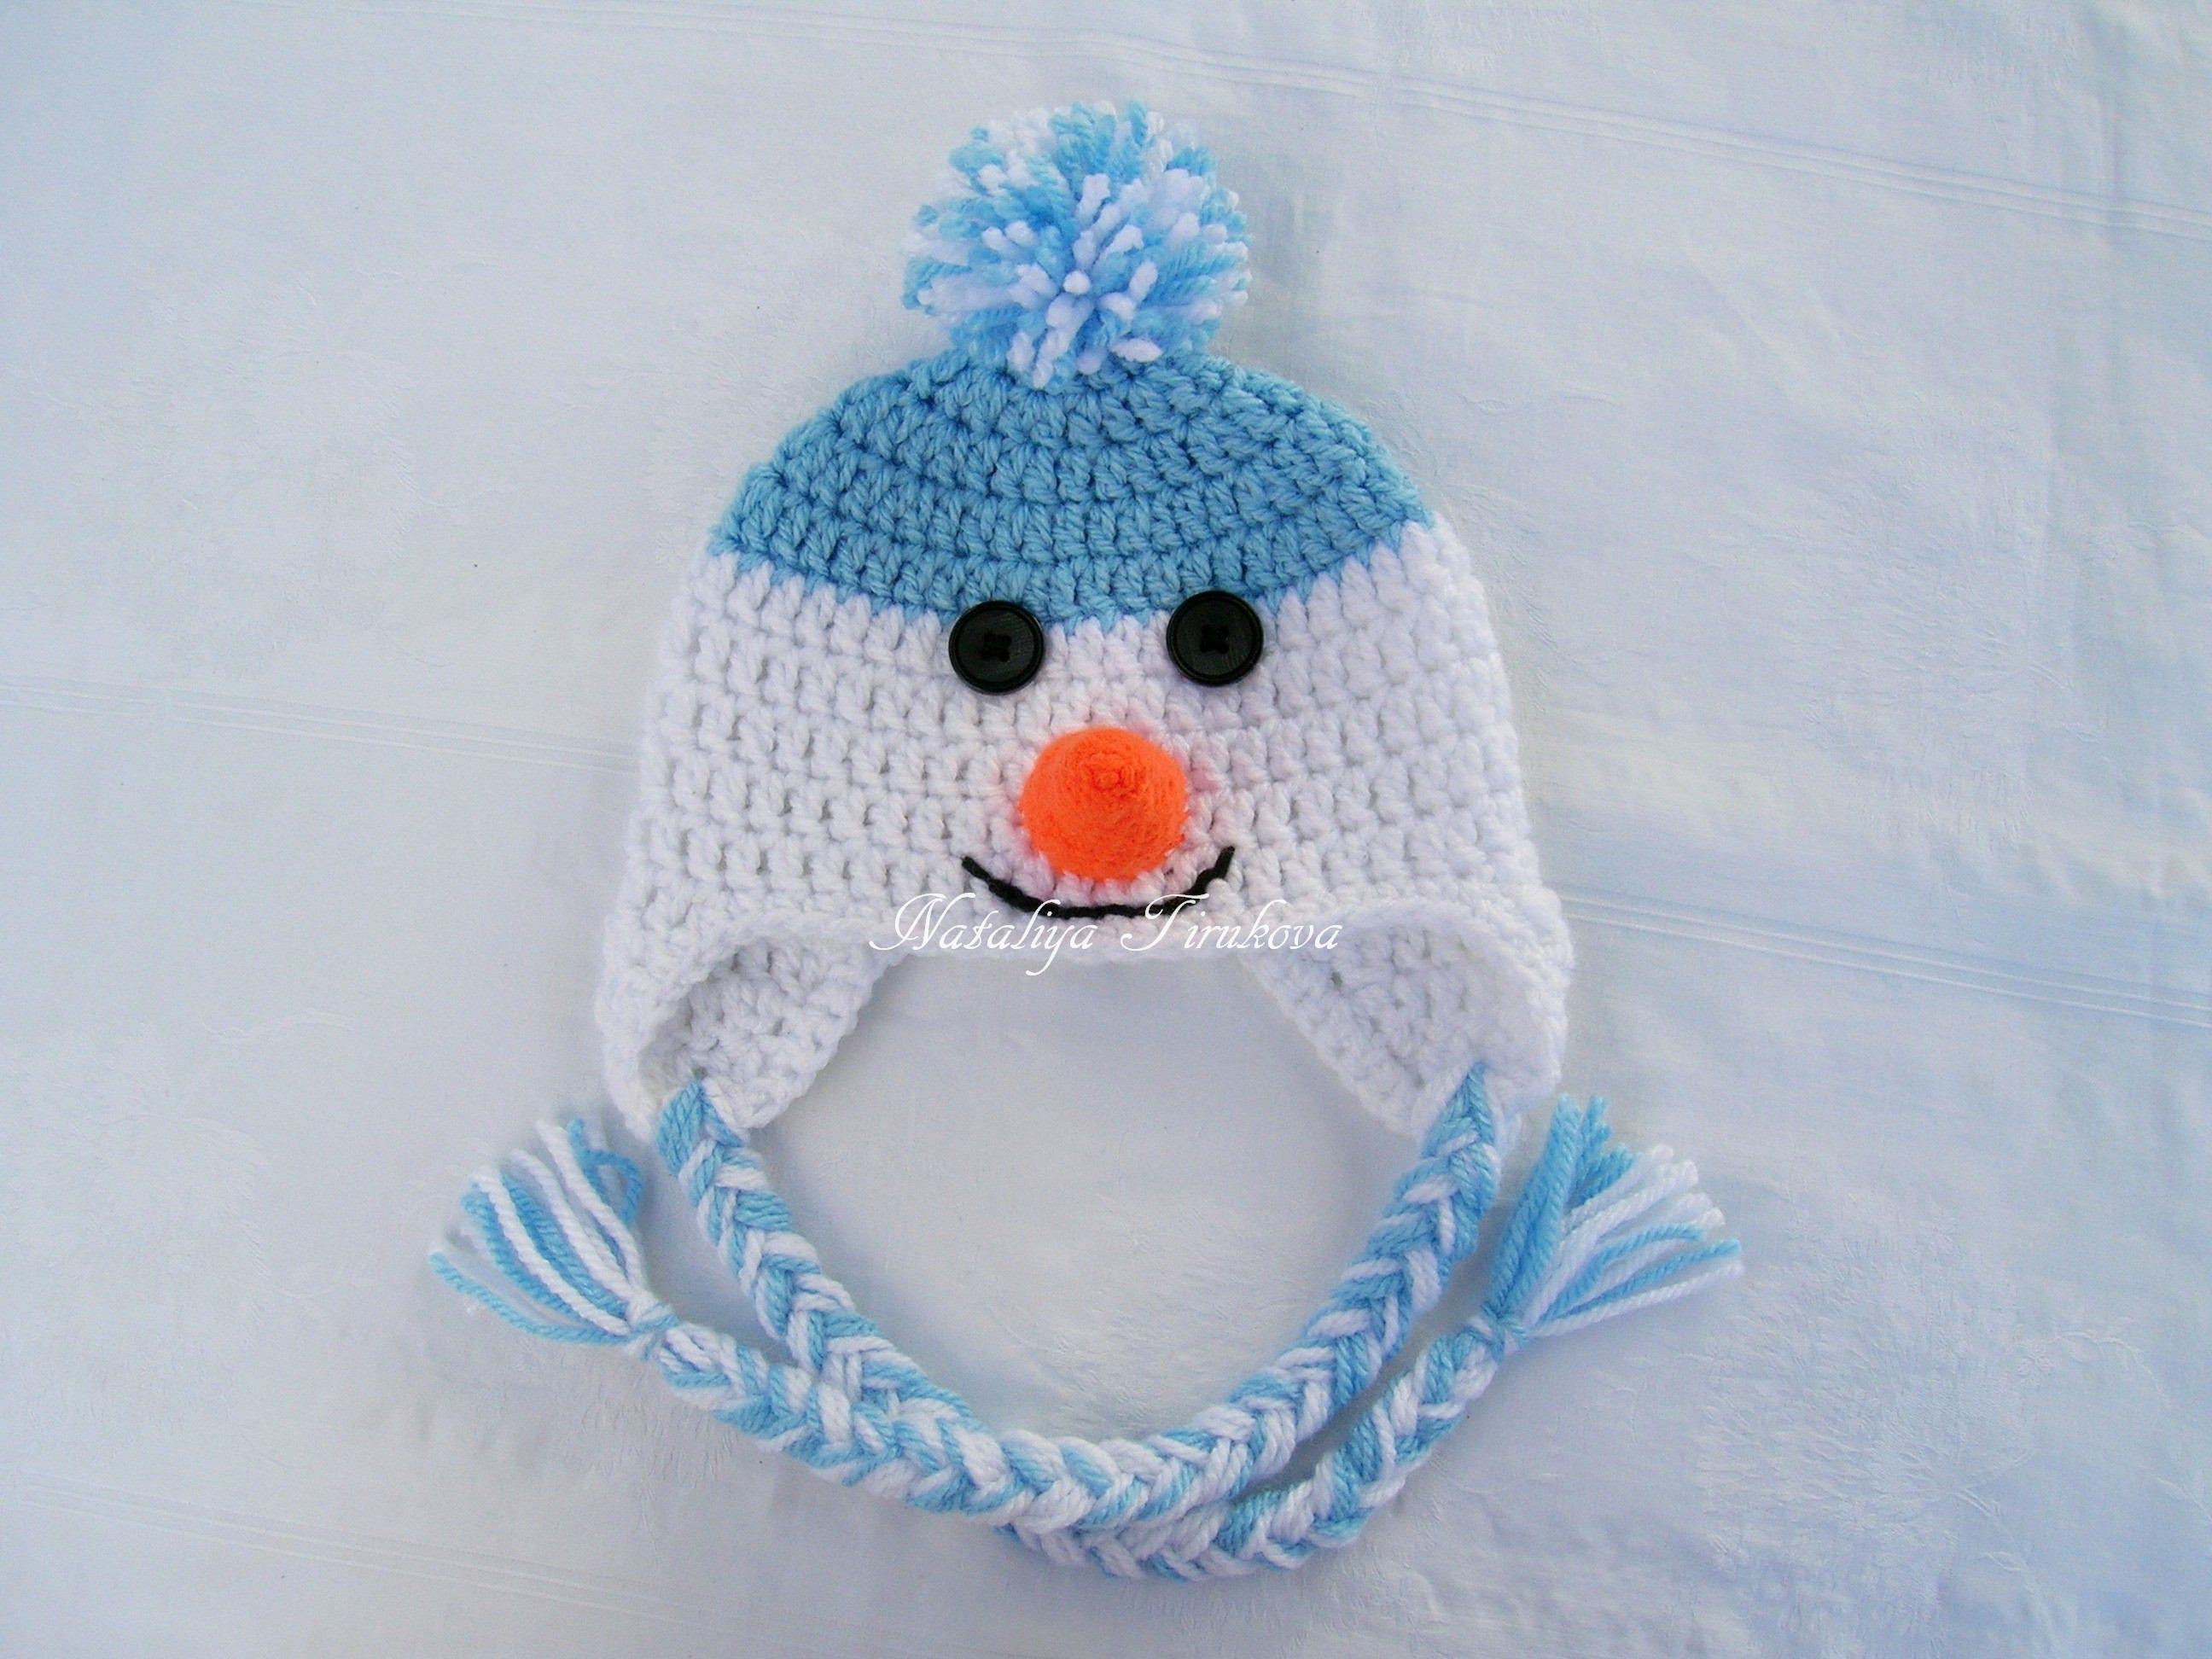 Crochet Snowman Hat Newborn Baby Toddler child Christmas Hat Crochet  Snowman Hat Earflap 6db17572d17a